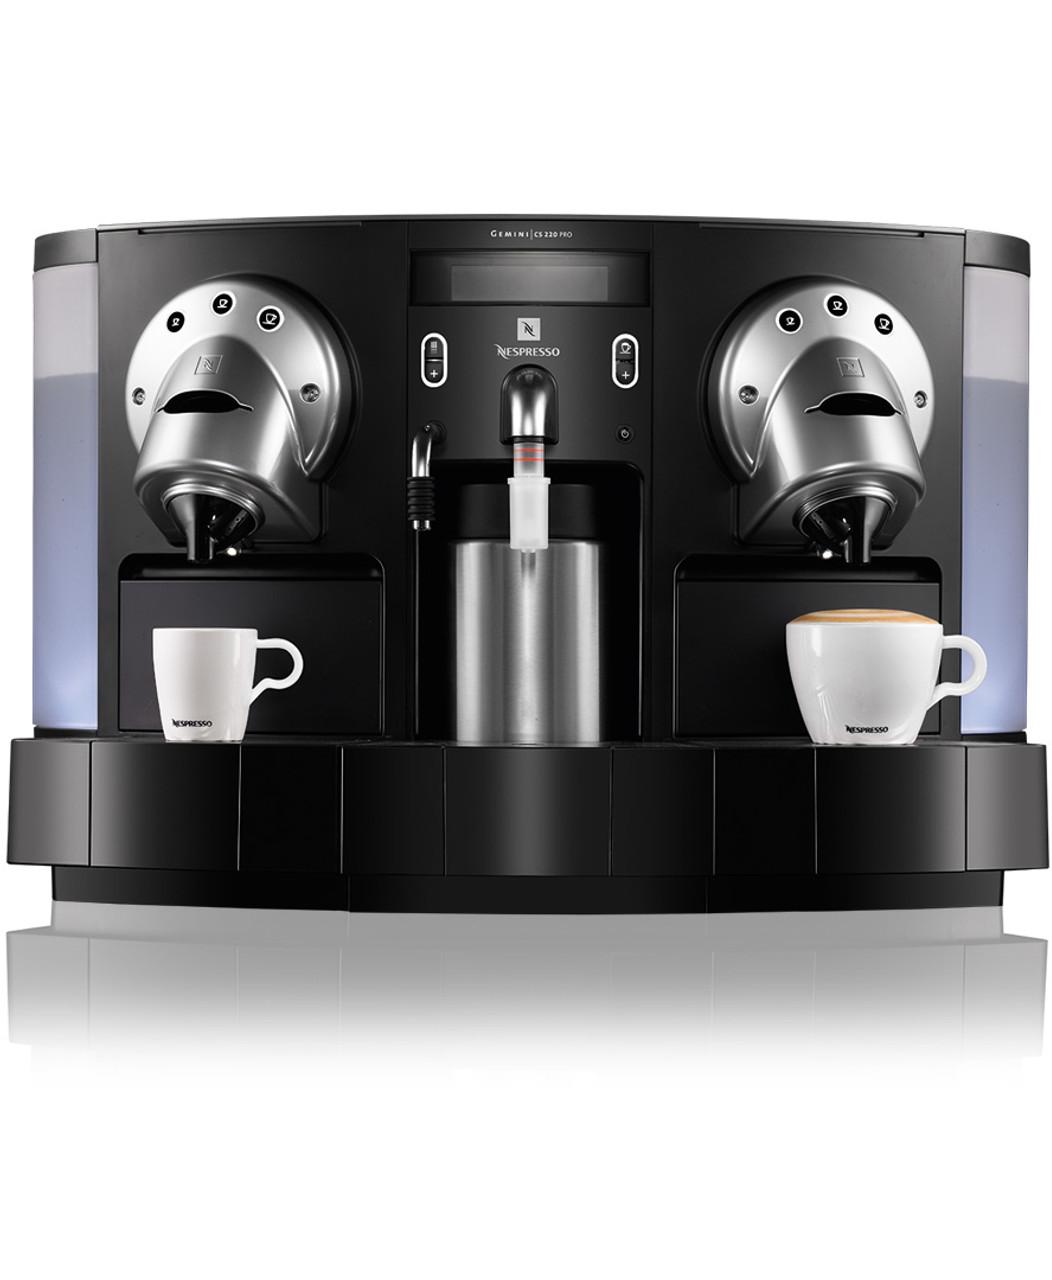 nespresso gemini cs 221 pro manual